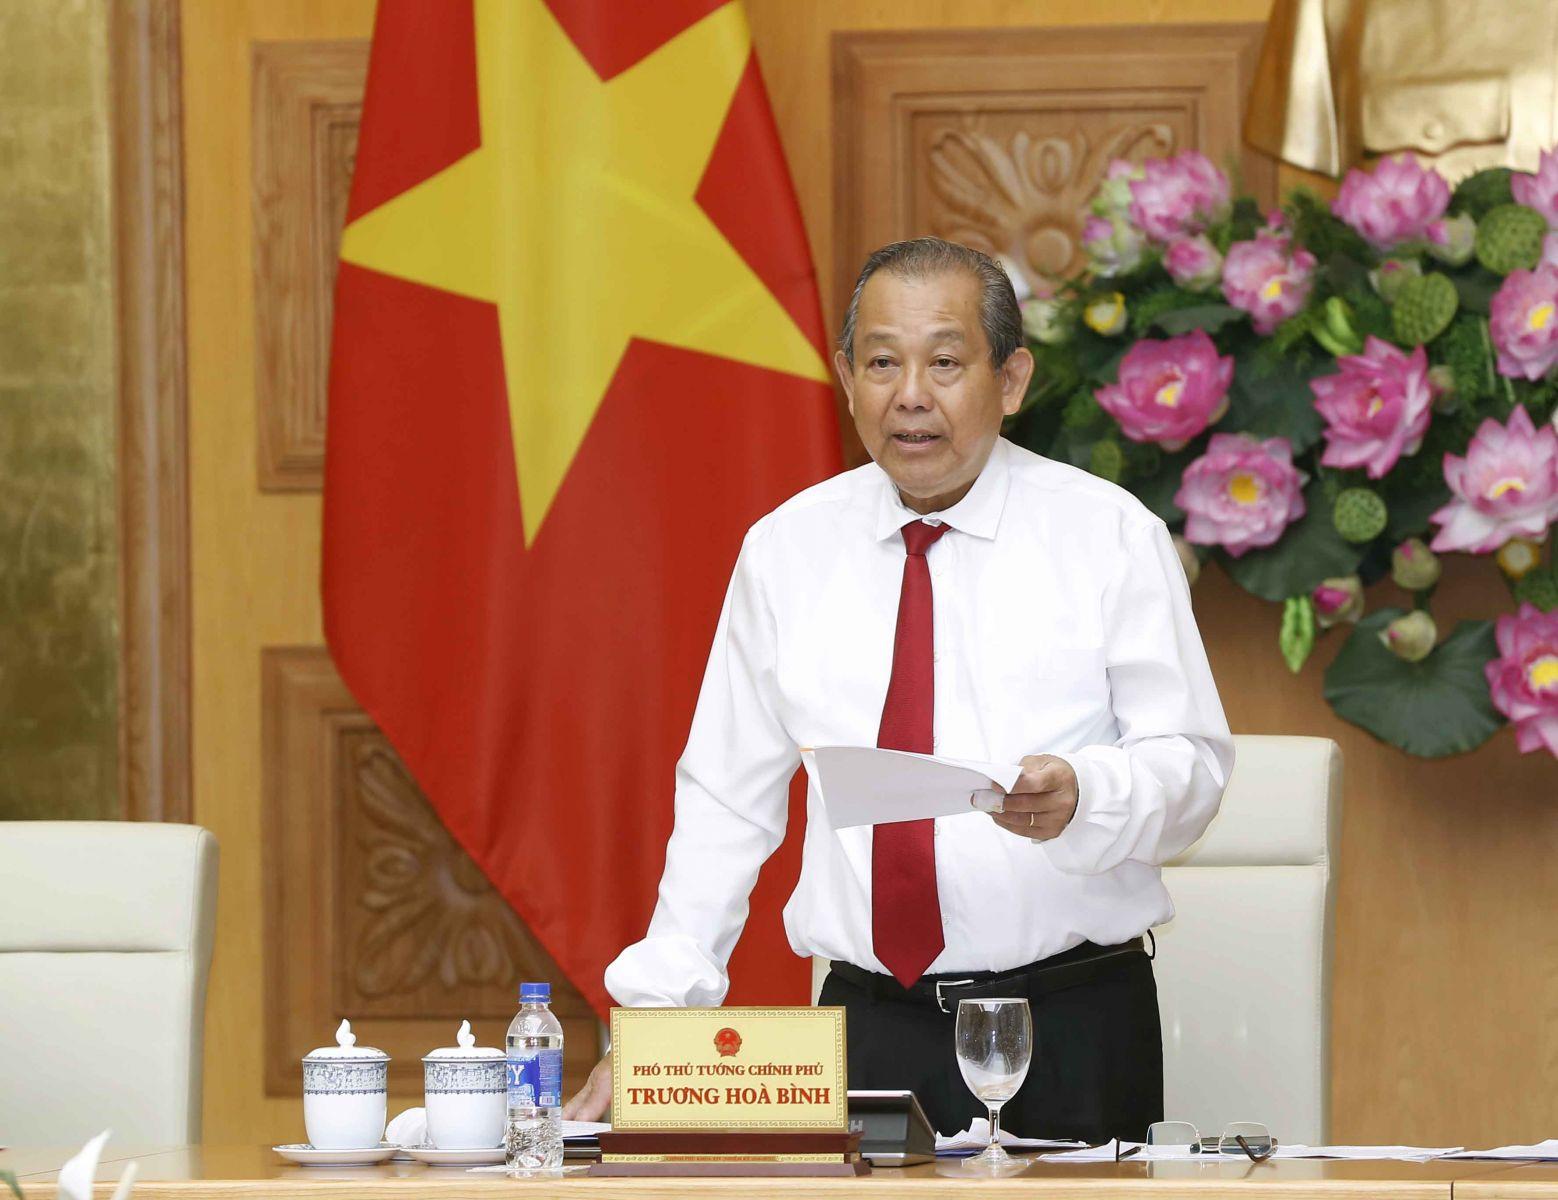 Phó Thủ tướng Trương Hòa Bình thăm chính thức Lào và Campuchia từ ngày 10 – 13-12-2019